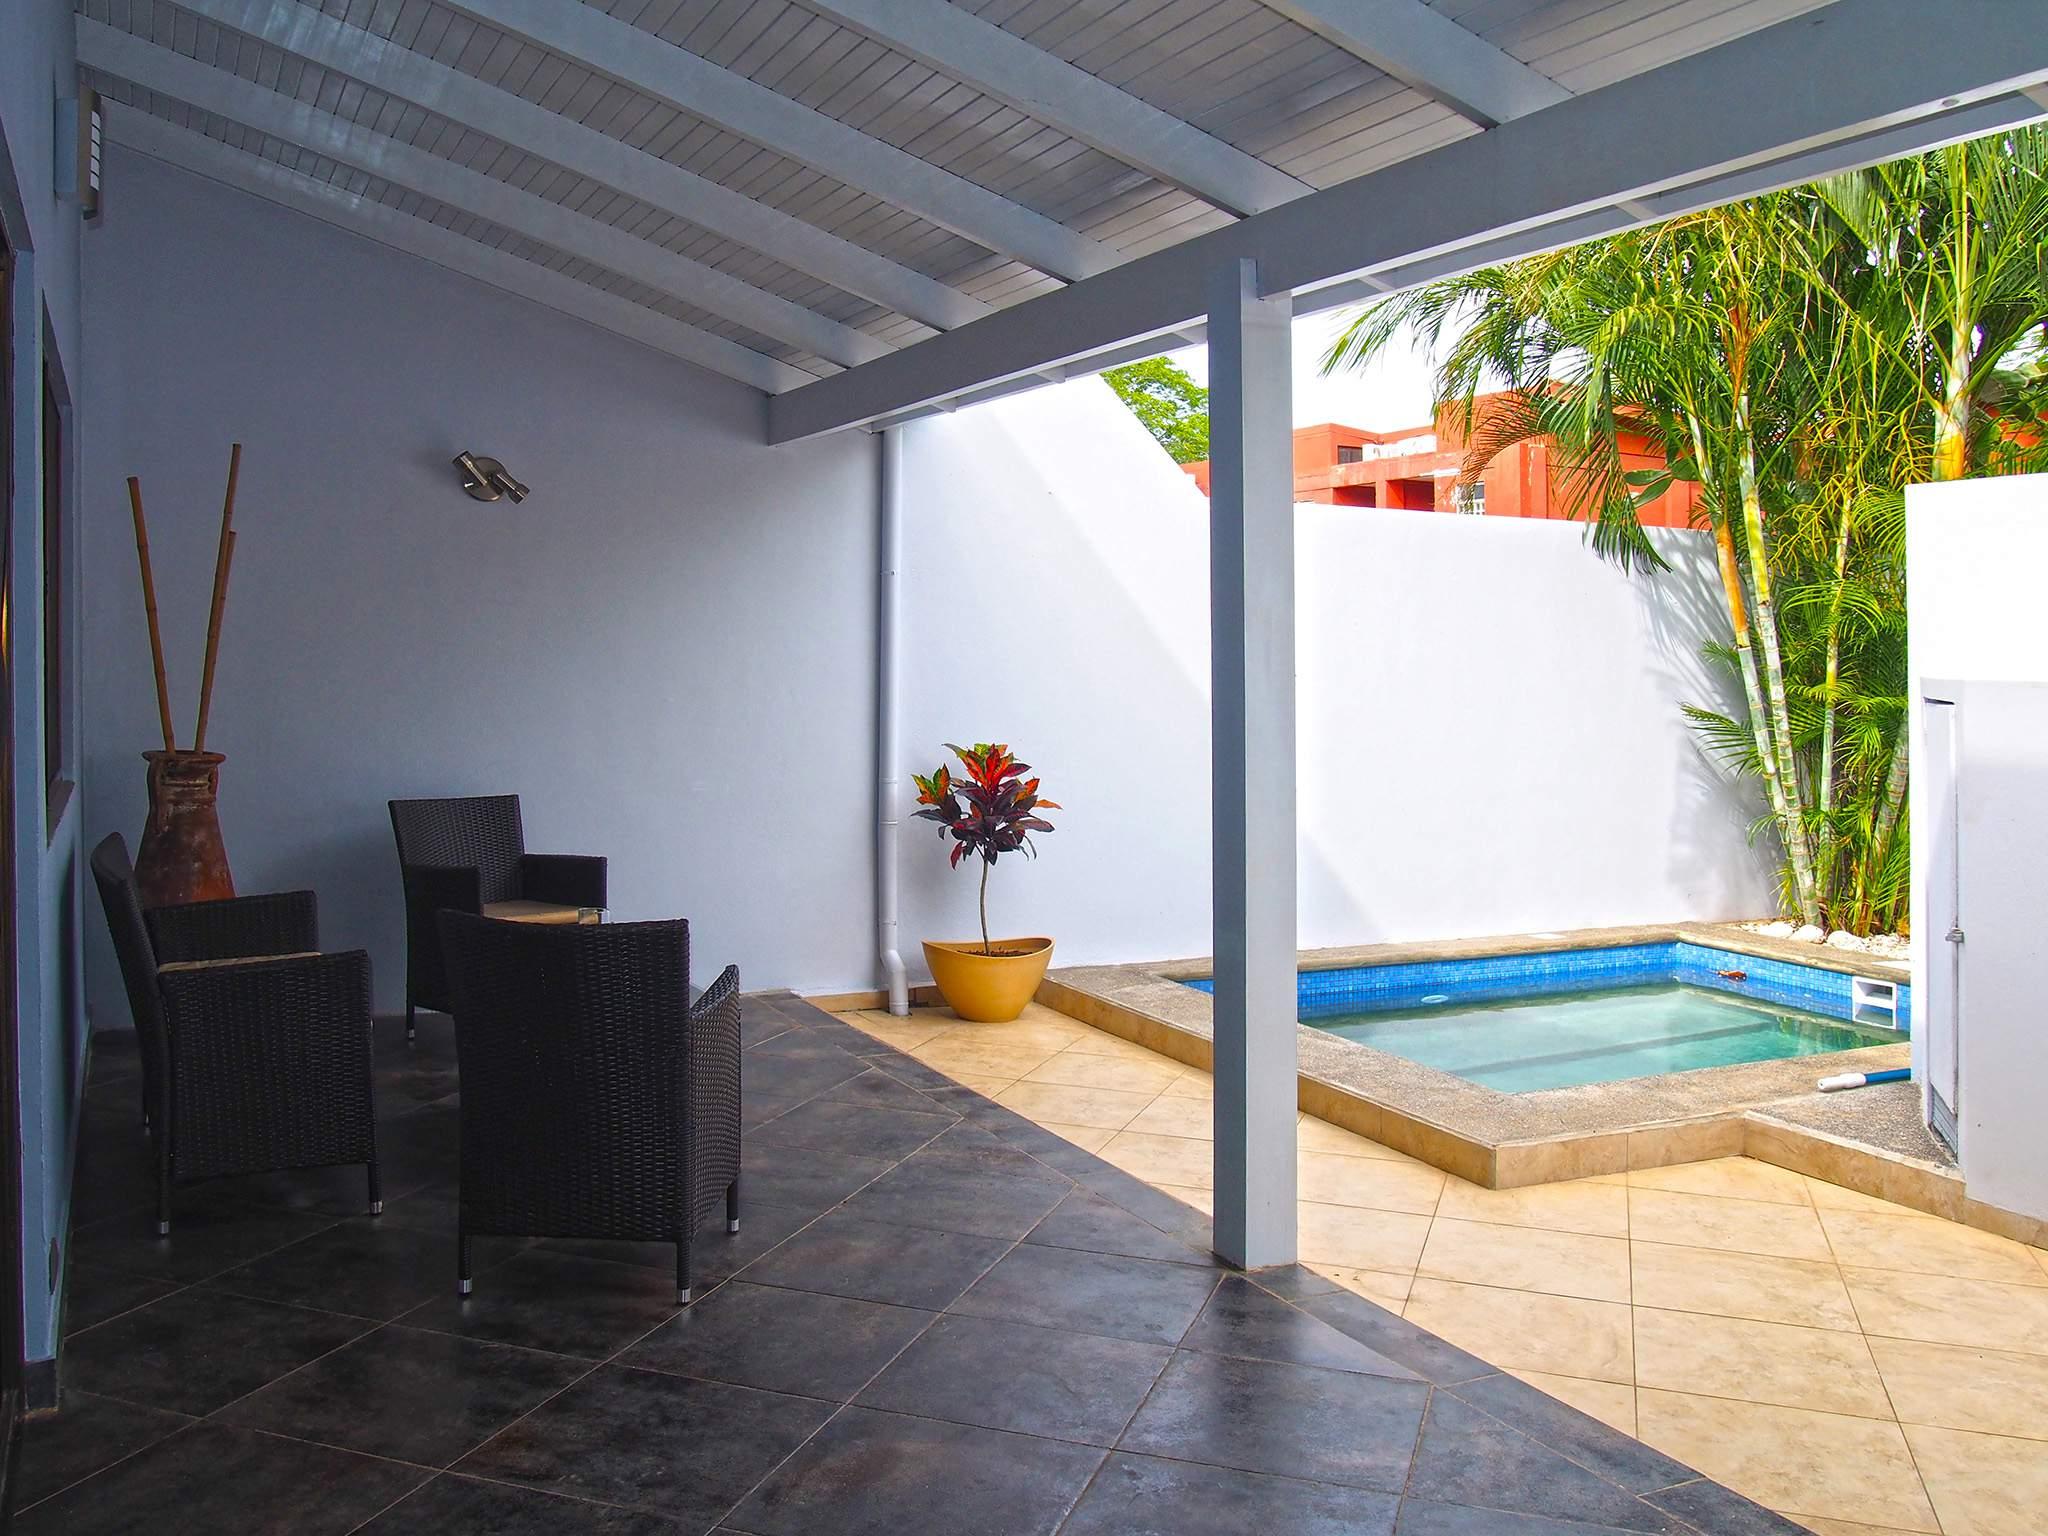 ferienhaus tamarindo 6 personen costa rica n rdlicher. Black Bedroom Furniture Sets. Home Design Ideas